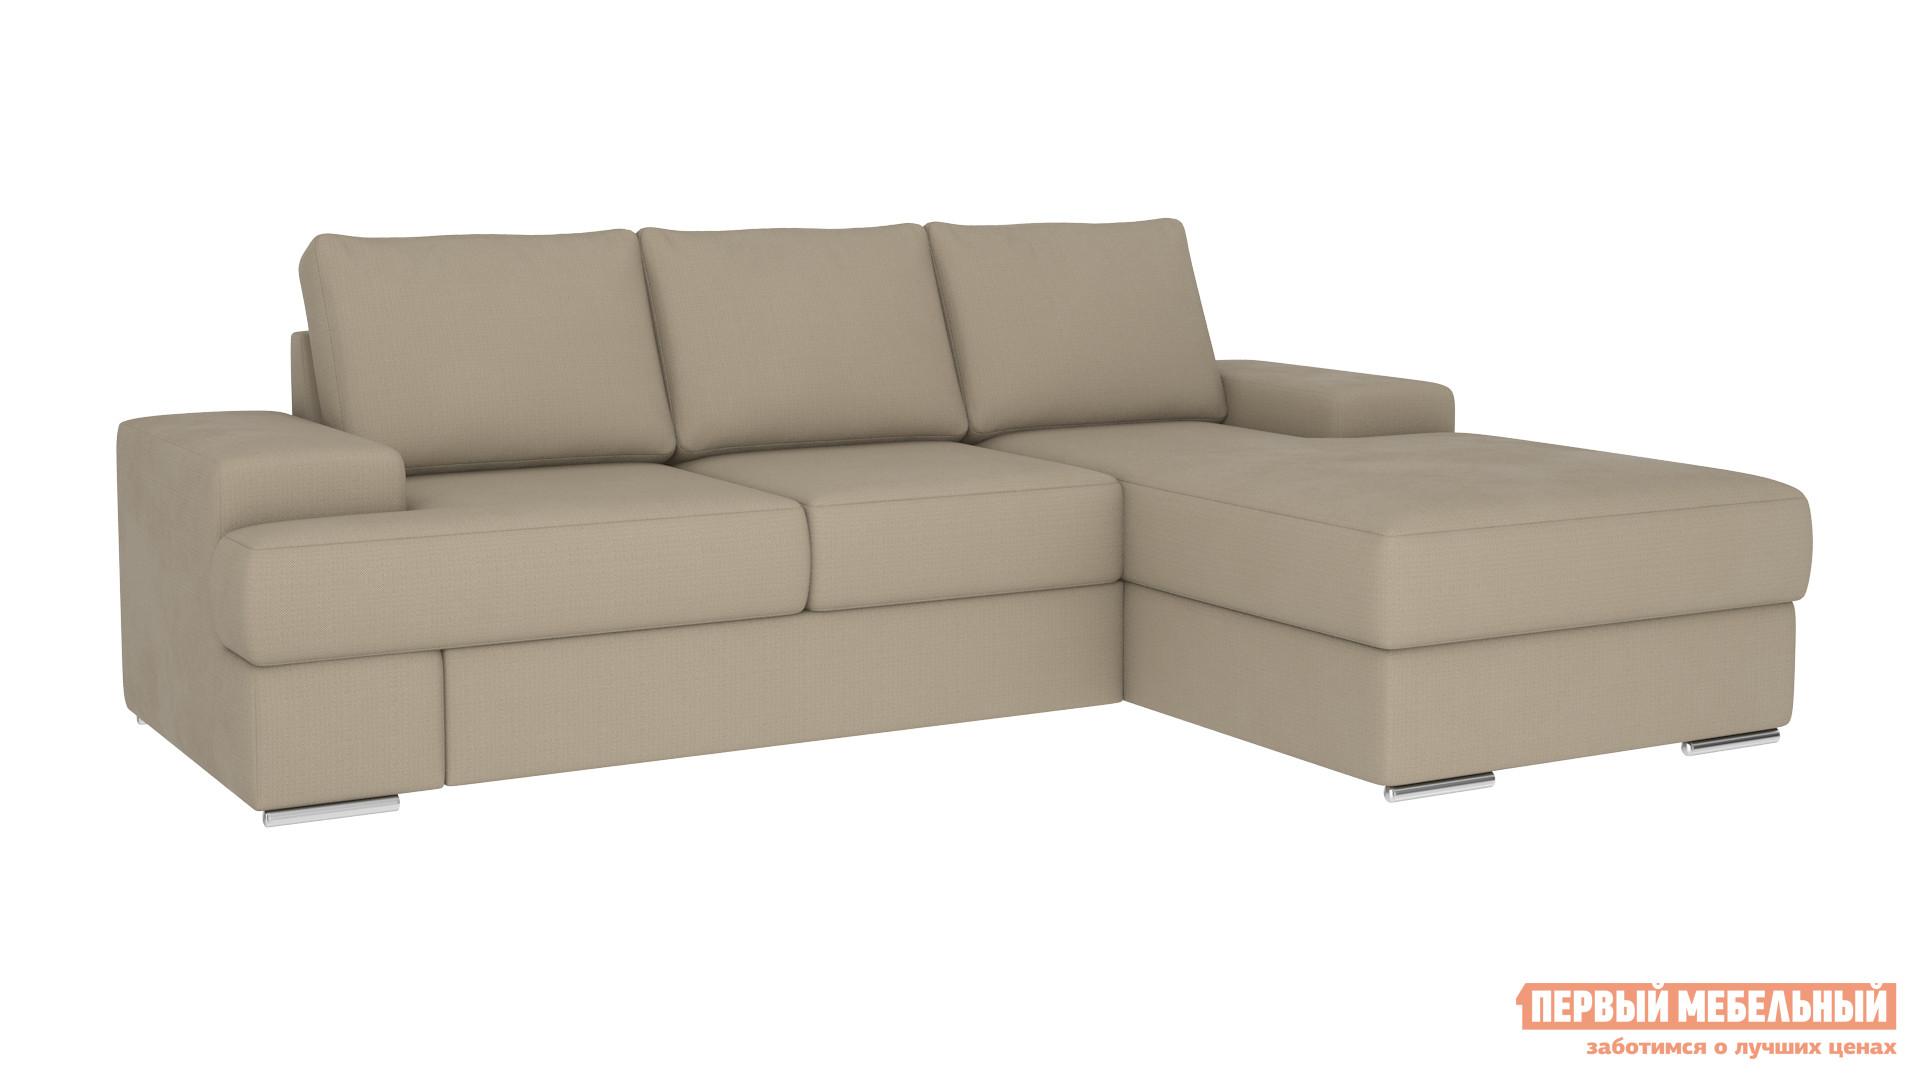 Угловой диван Первый Мебельный Угловой диван Тетрис Вип оттоманка